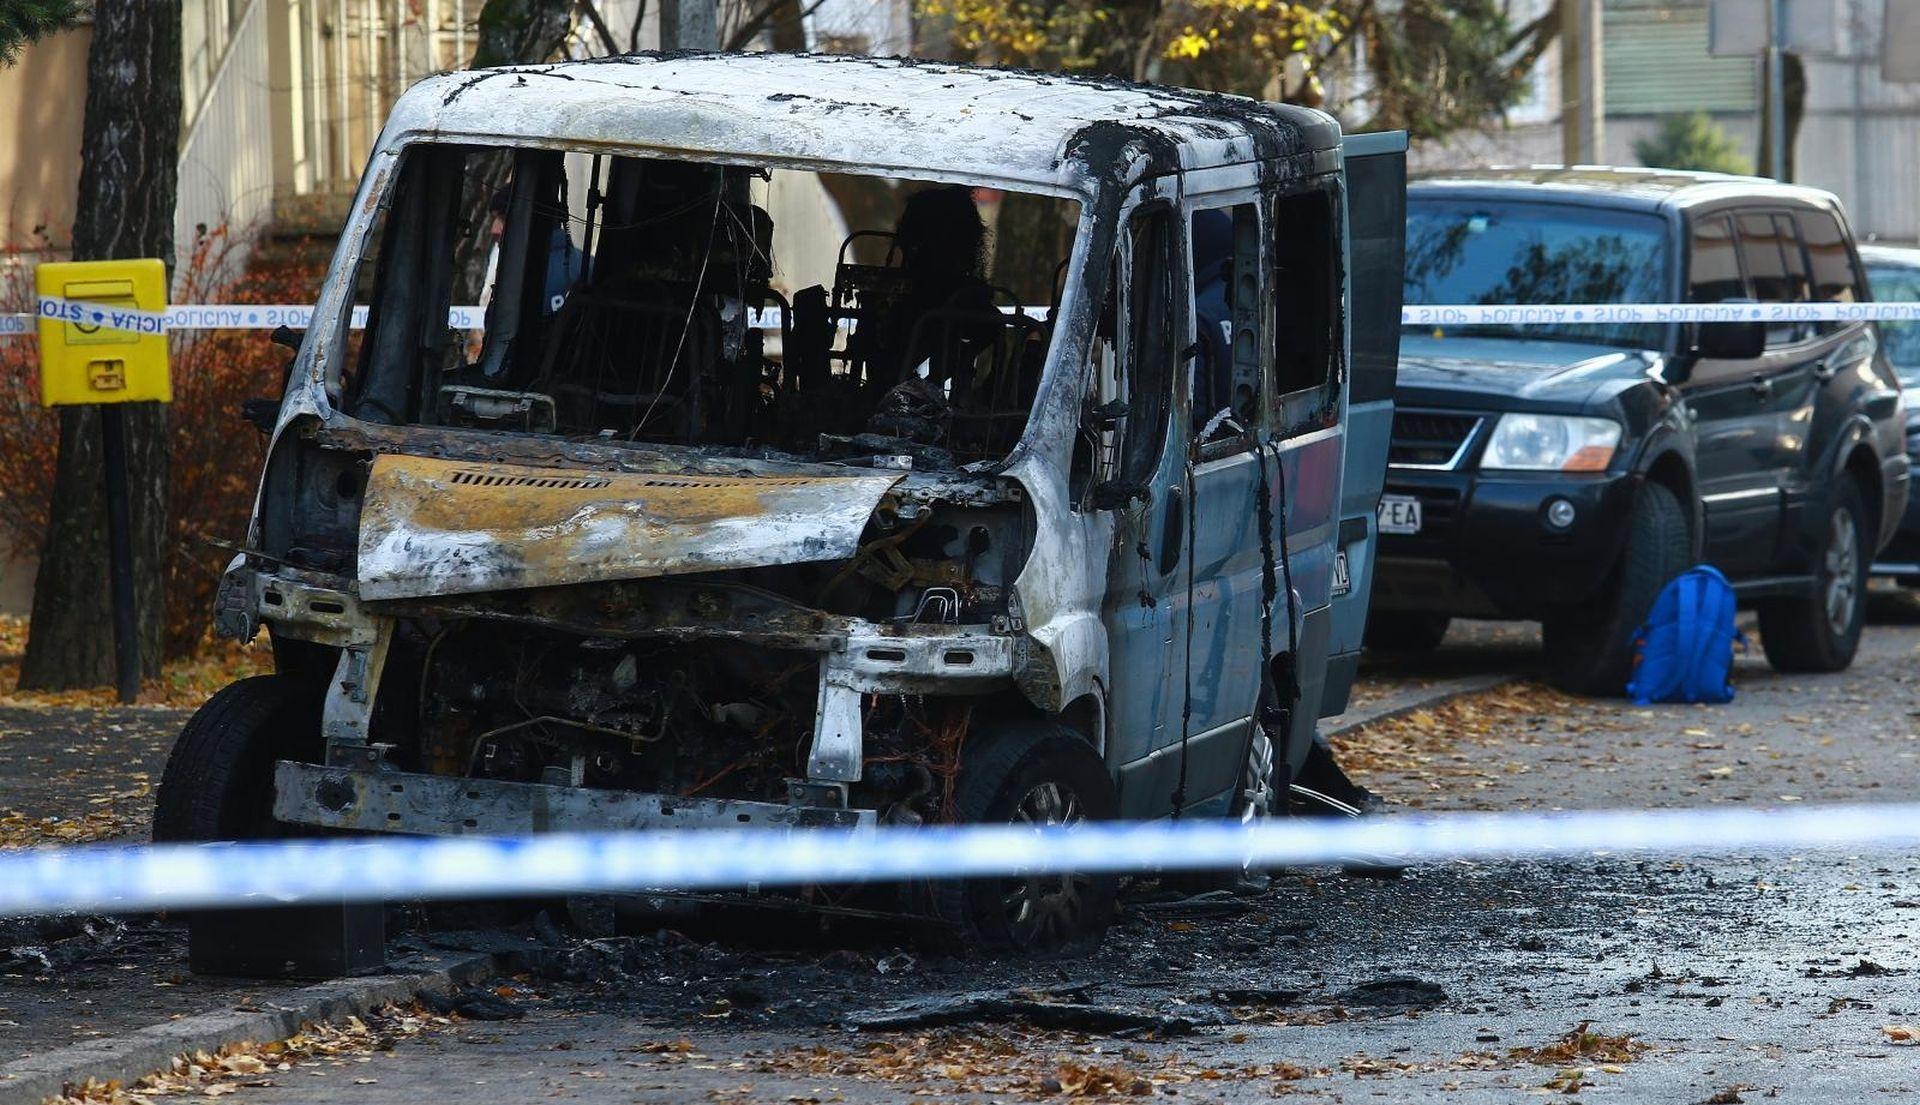 POLICIJA OBJAVILA DETALJE Vodički kombi zapaljen otvorenim plamenom